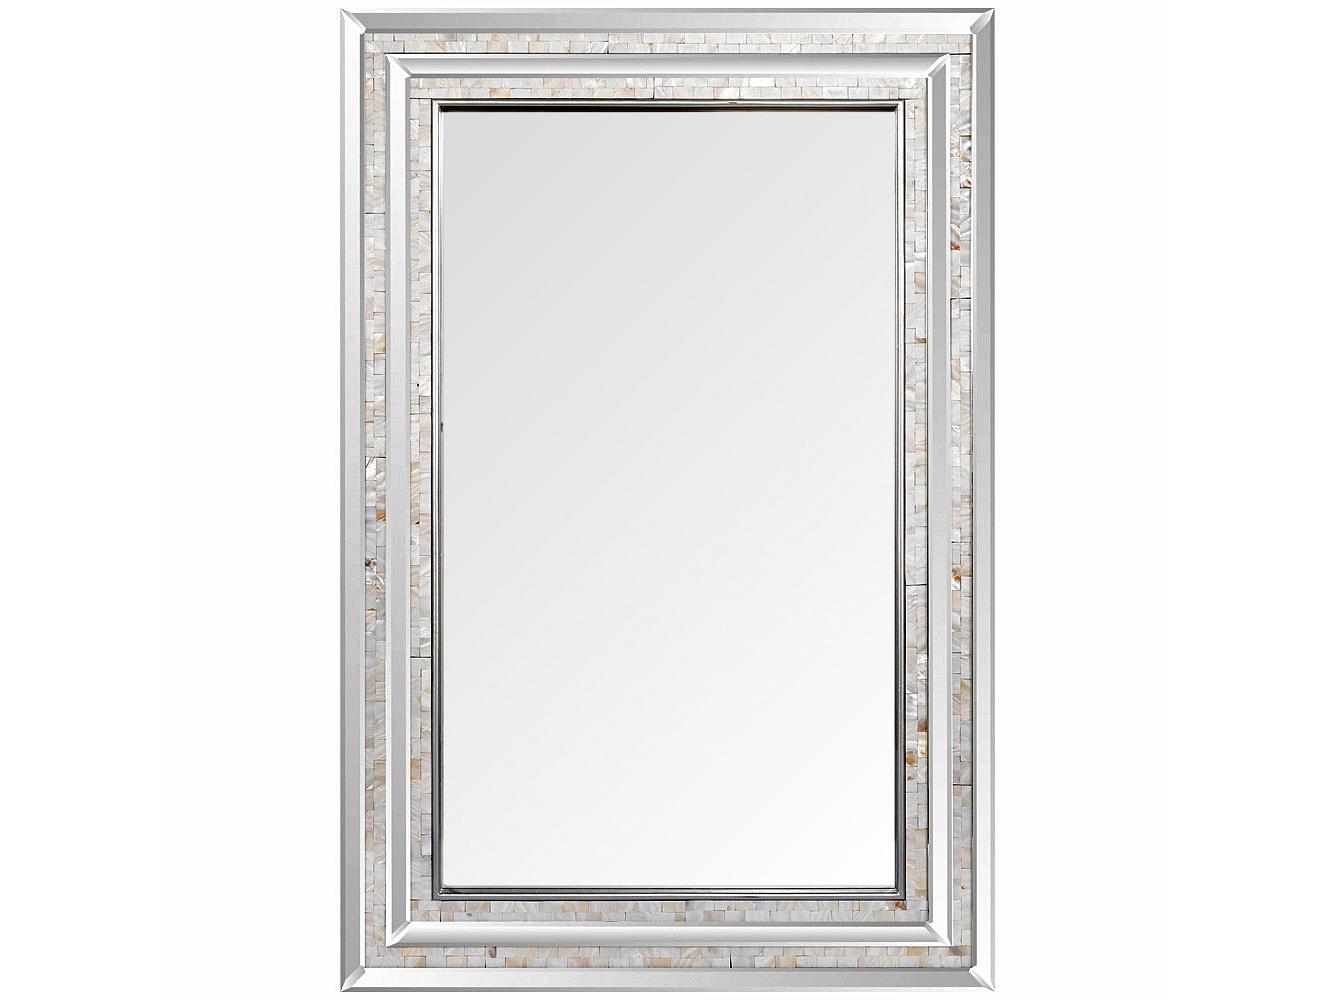 Настенное зеркалоНастенные зеркала<br>Две грани зеркала «Сандерс» покрыты зеркальным слоем, что придает отражению объемность и глубину. Следующие две грани покрыты природным перламутром из натурального верхнего слоя морских раковин. Этот метод престижен благодаря дизайнерскому великолепию и ручному производству. Фацетные грани, опоясавшие периметр зеркала и рамы, переливаются, подобно хрусталю. Основание рамы изготовлено из МДФ.<br><br>Material: МДФ<br>Ширина см: 80.0<br>Высота см: 120.0<br>Глубина см: 3.0